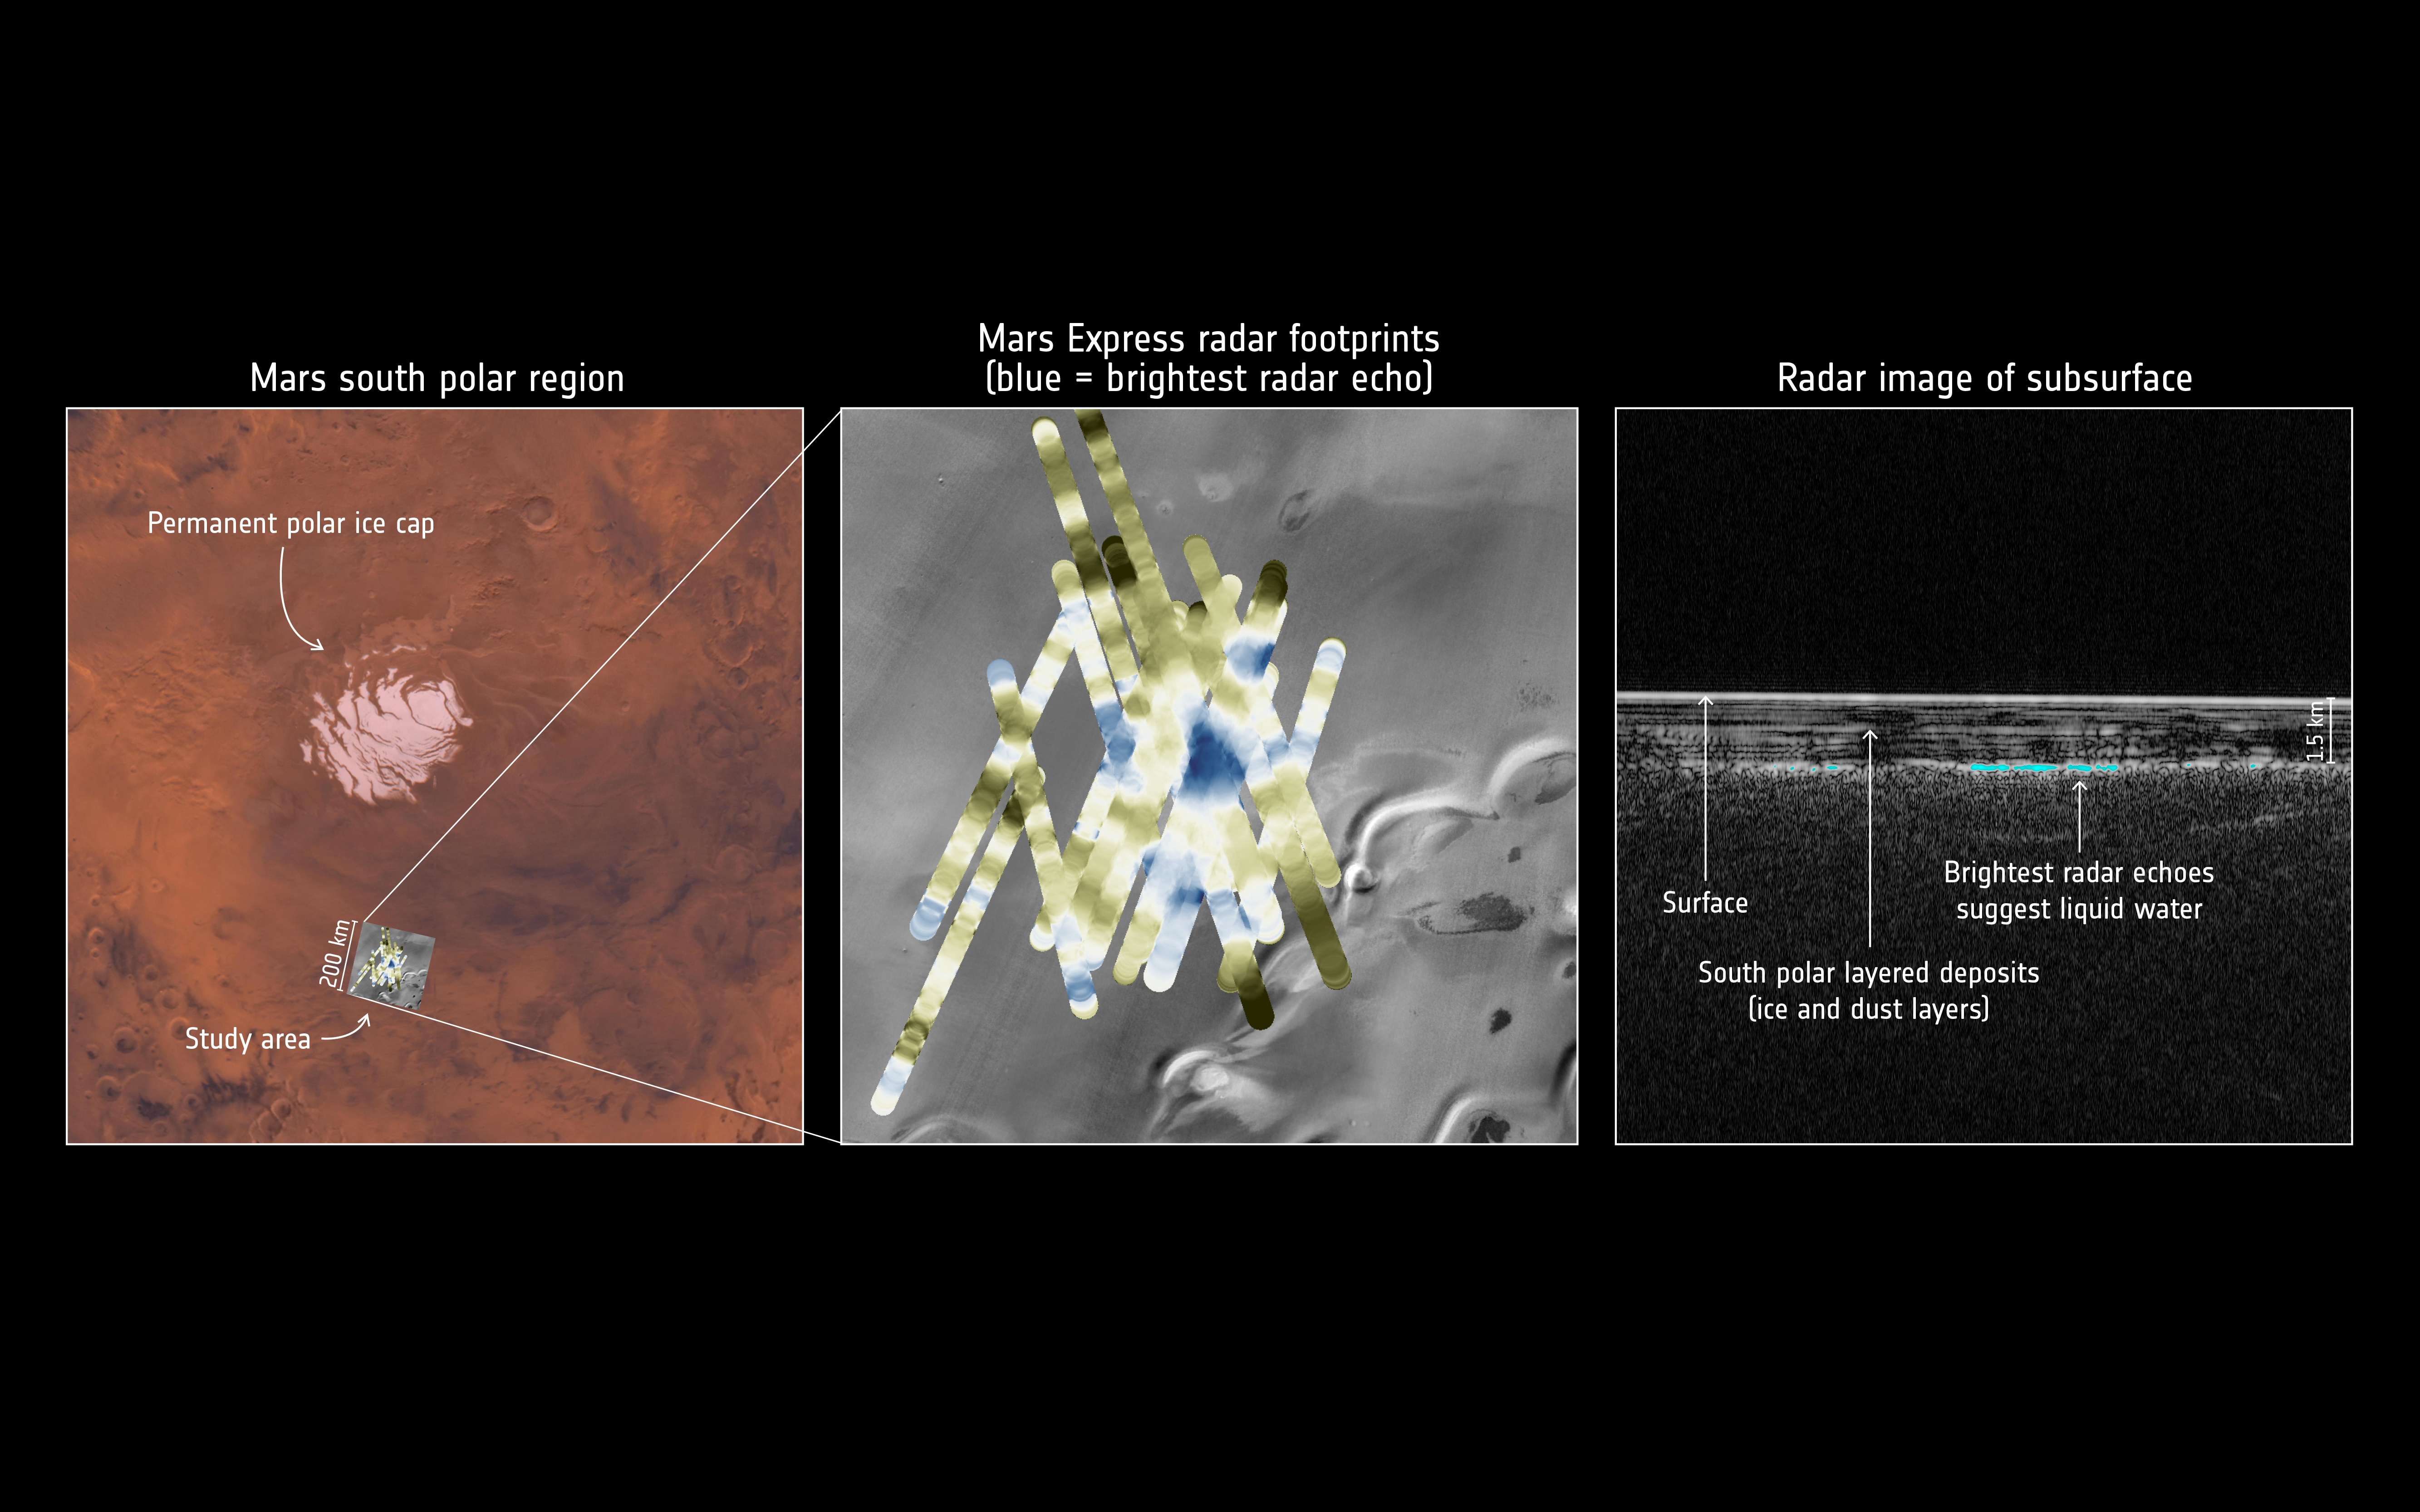 """Jezioro na Marsie. Obserwacja z radaru MARSIS sondy kosmicznej Mars Express – opisana. Po lewej stronie fotomapa sytuacyjna: okolic południowego bieguna planety, wraz z permanentną częścią czapy polarnej. """"Study area"""" wskazuje lokalizację obszaru, na którym skupili się Włosi. Obszar ten jest powiększony w centralnej części grafiki. Niebiesko-żółte linie to poszczególne profile MARSIS. Kolor niebieski oznacza małą przenikalność podłoża, żółty – dużą. Trójkątny obszar o najbardziej intensywnym odcieniu niebieskiego to lokalizacja hipotetycznego jeziora. Po prawej jeden z profilów MARSIS, z naniesionymi najważniejszymi elementami. Płaska powierzchnia planety zaznacza się jako biała płaska linia, nad którą widoczna jest czerń atmosfery Marsa (ośrodek o bardzo dużej przenikalności). Pod powierzchnią widoczne są różne osady, przedstawione jako białe poziome linie. Najniższa i najjaśniejsza z nich oznacza odbicie od podłoża. Tam, gdzie pojawia się kolor niebieski, naukowcy dostrzegają powierzchnię podlodowego jeziora. Rys. ESA."""